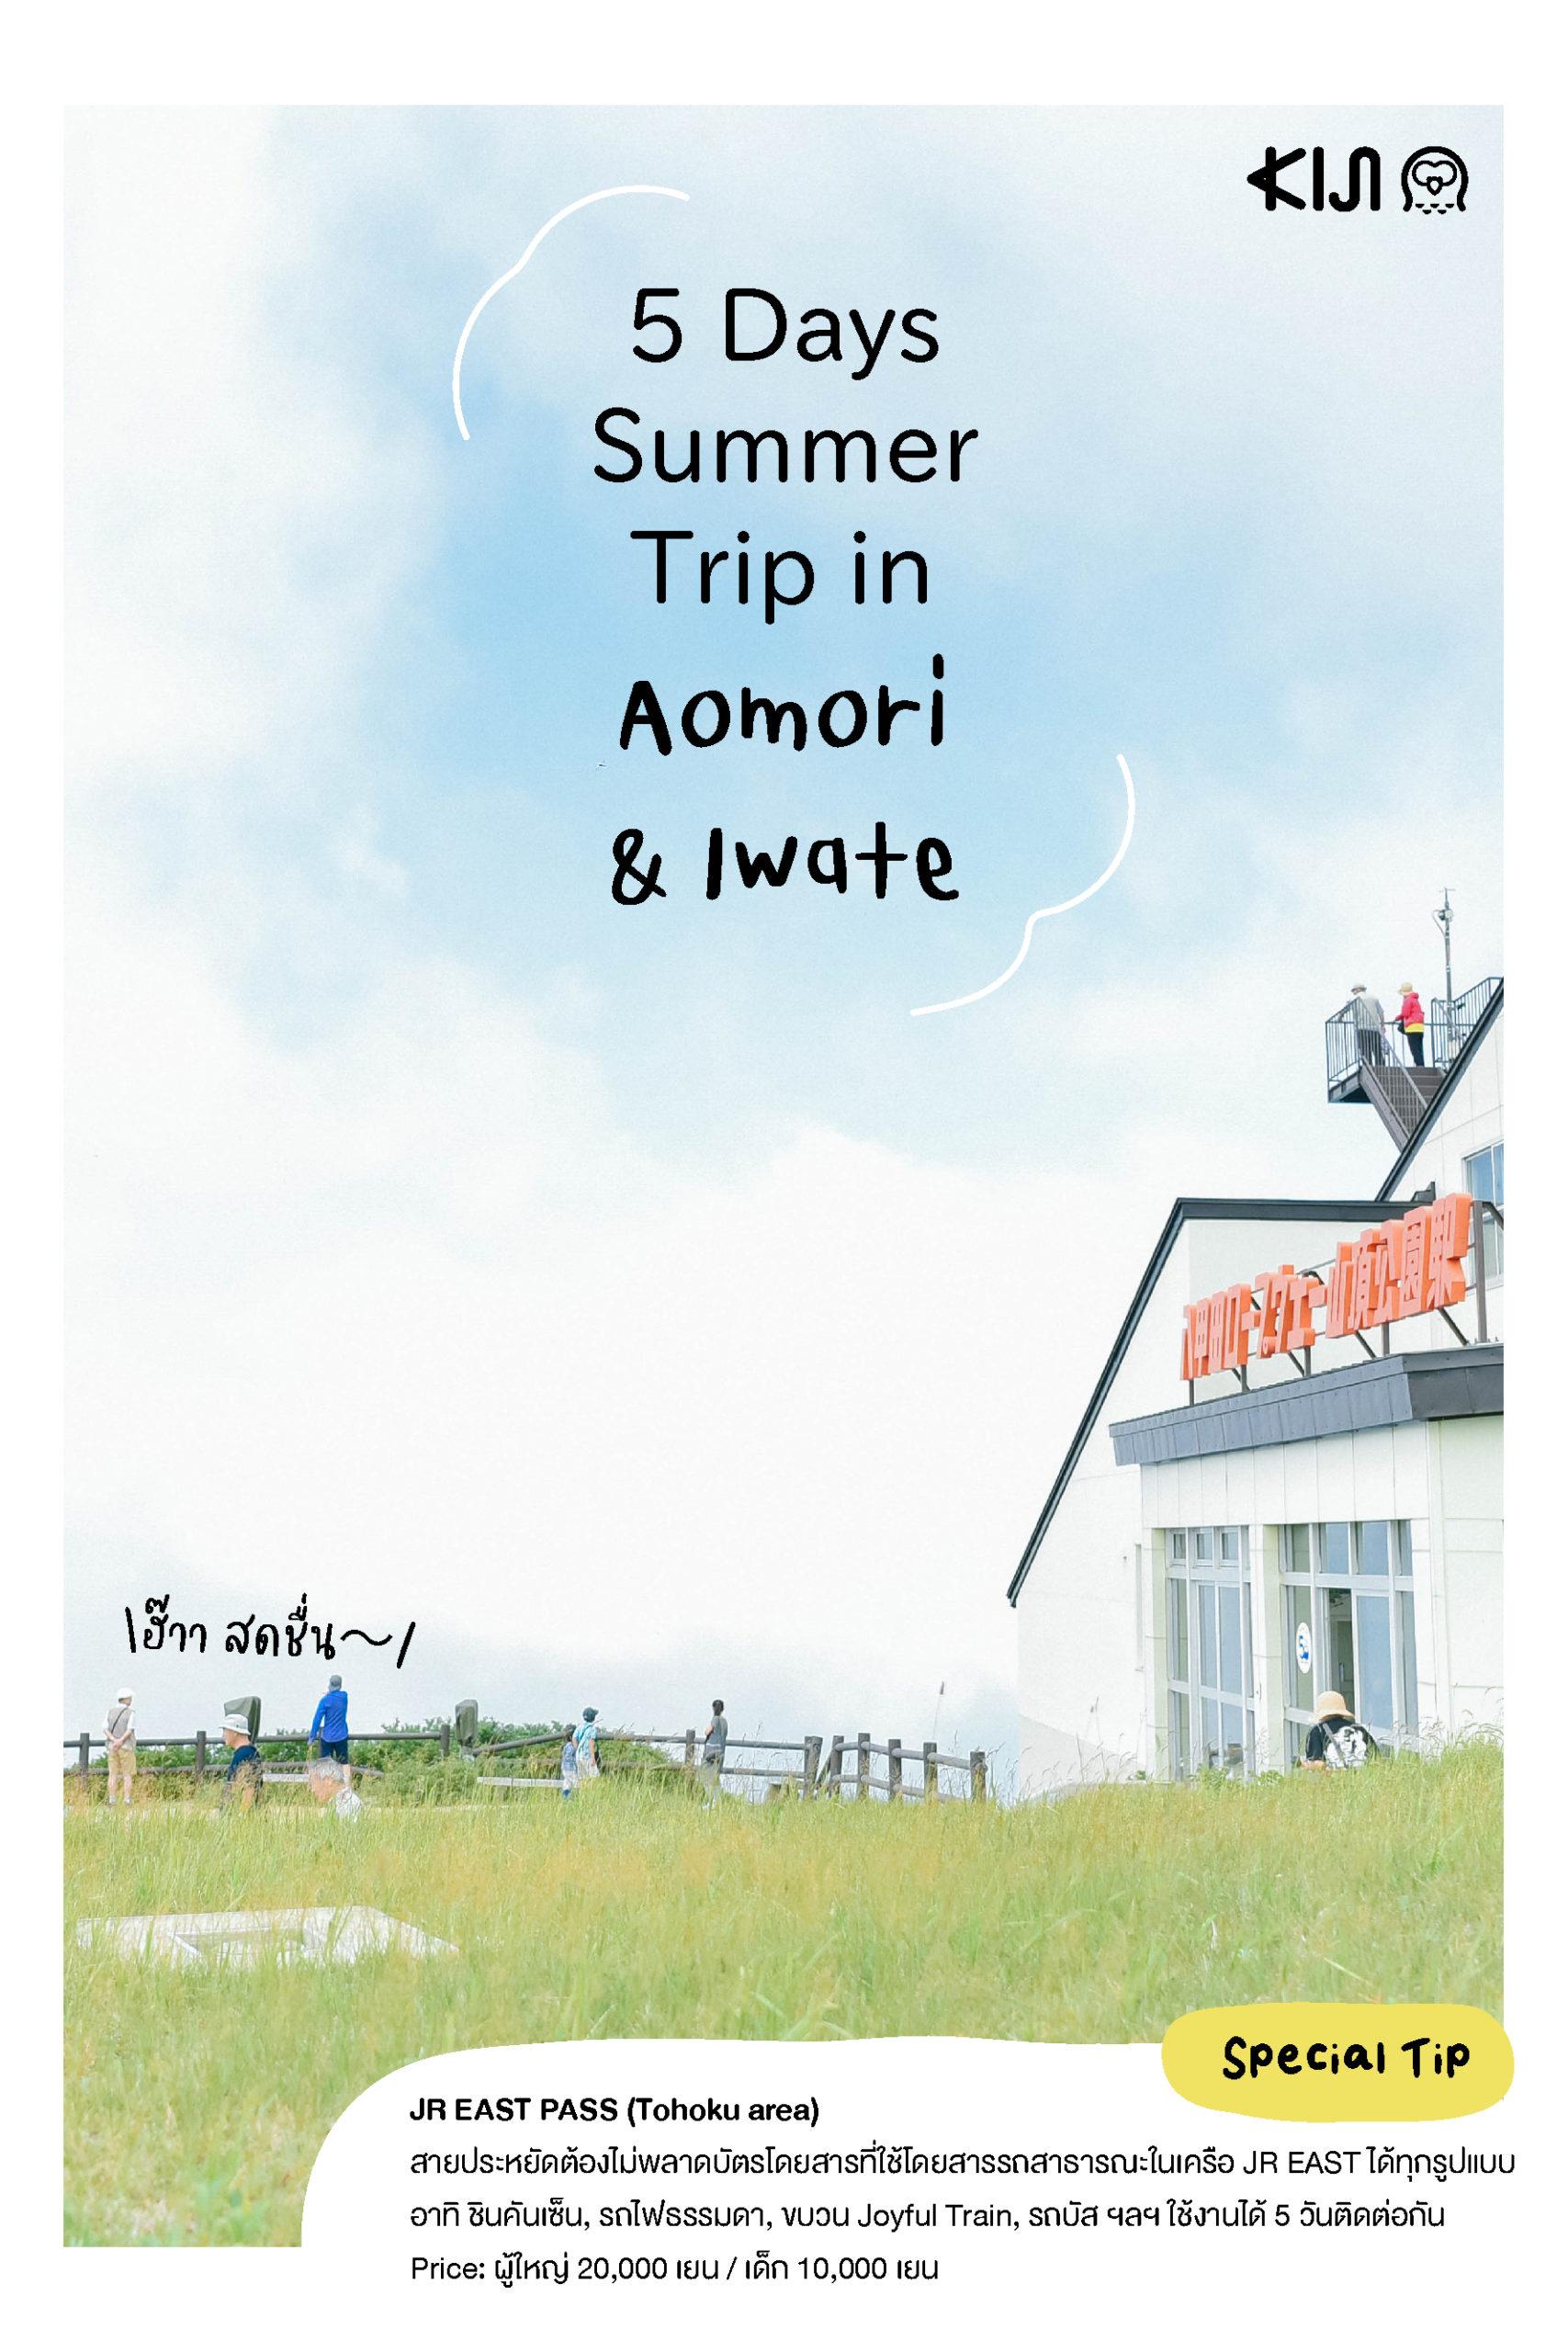 ซัมเมอร์ทริป 5 วัน 4 คืนใน อาโอโมริ (Aomori) และ อิวาเตะ (Iwate)